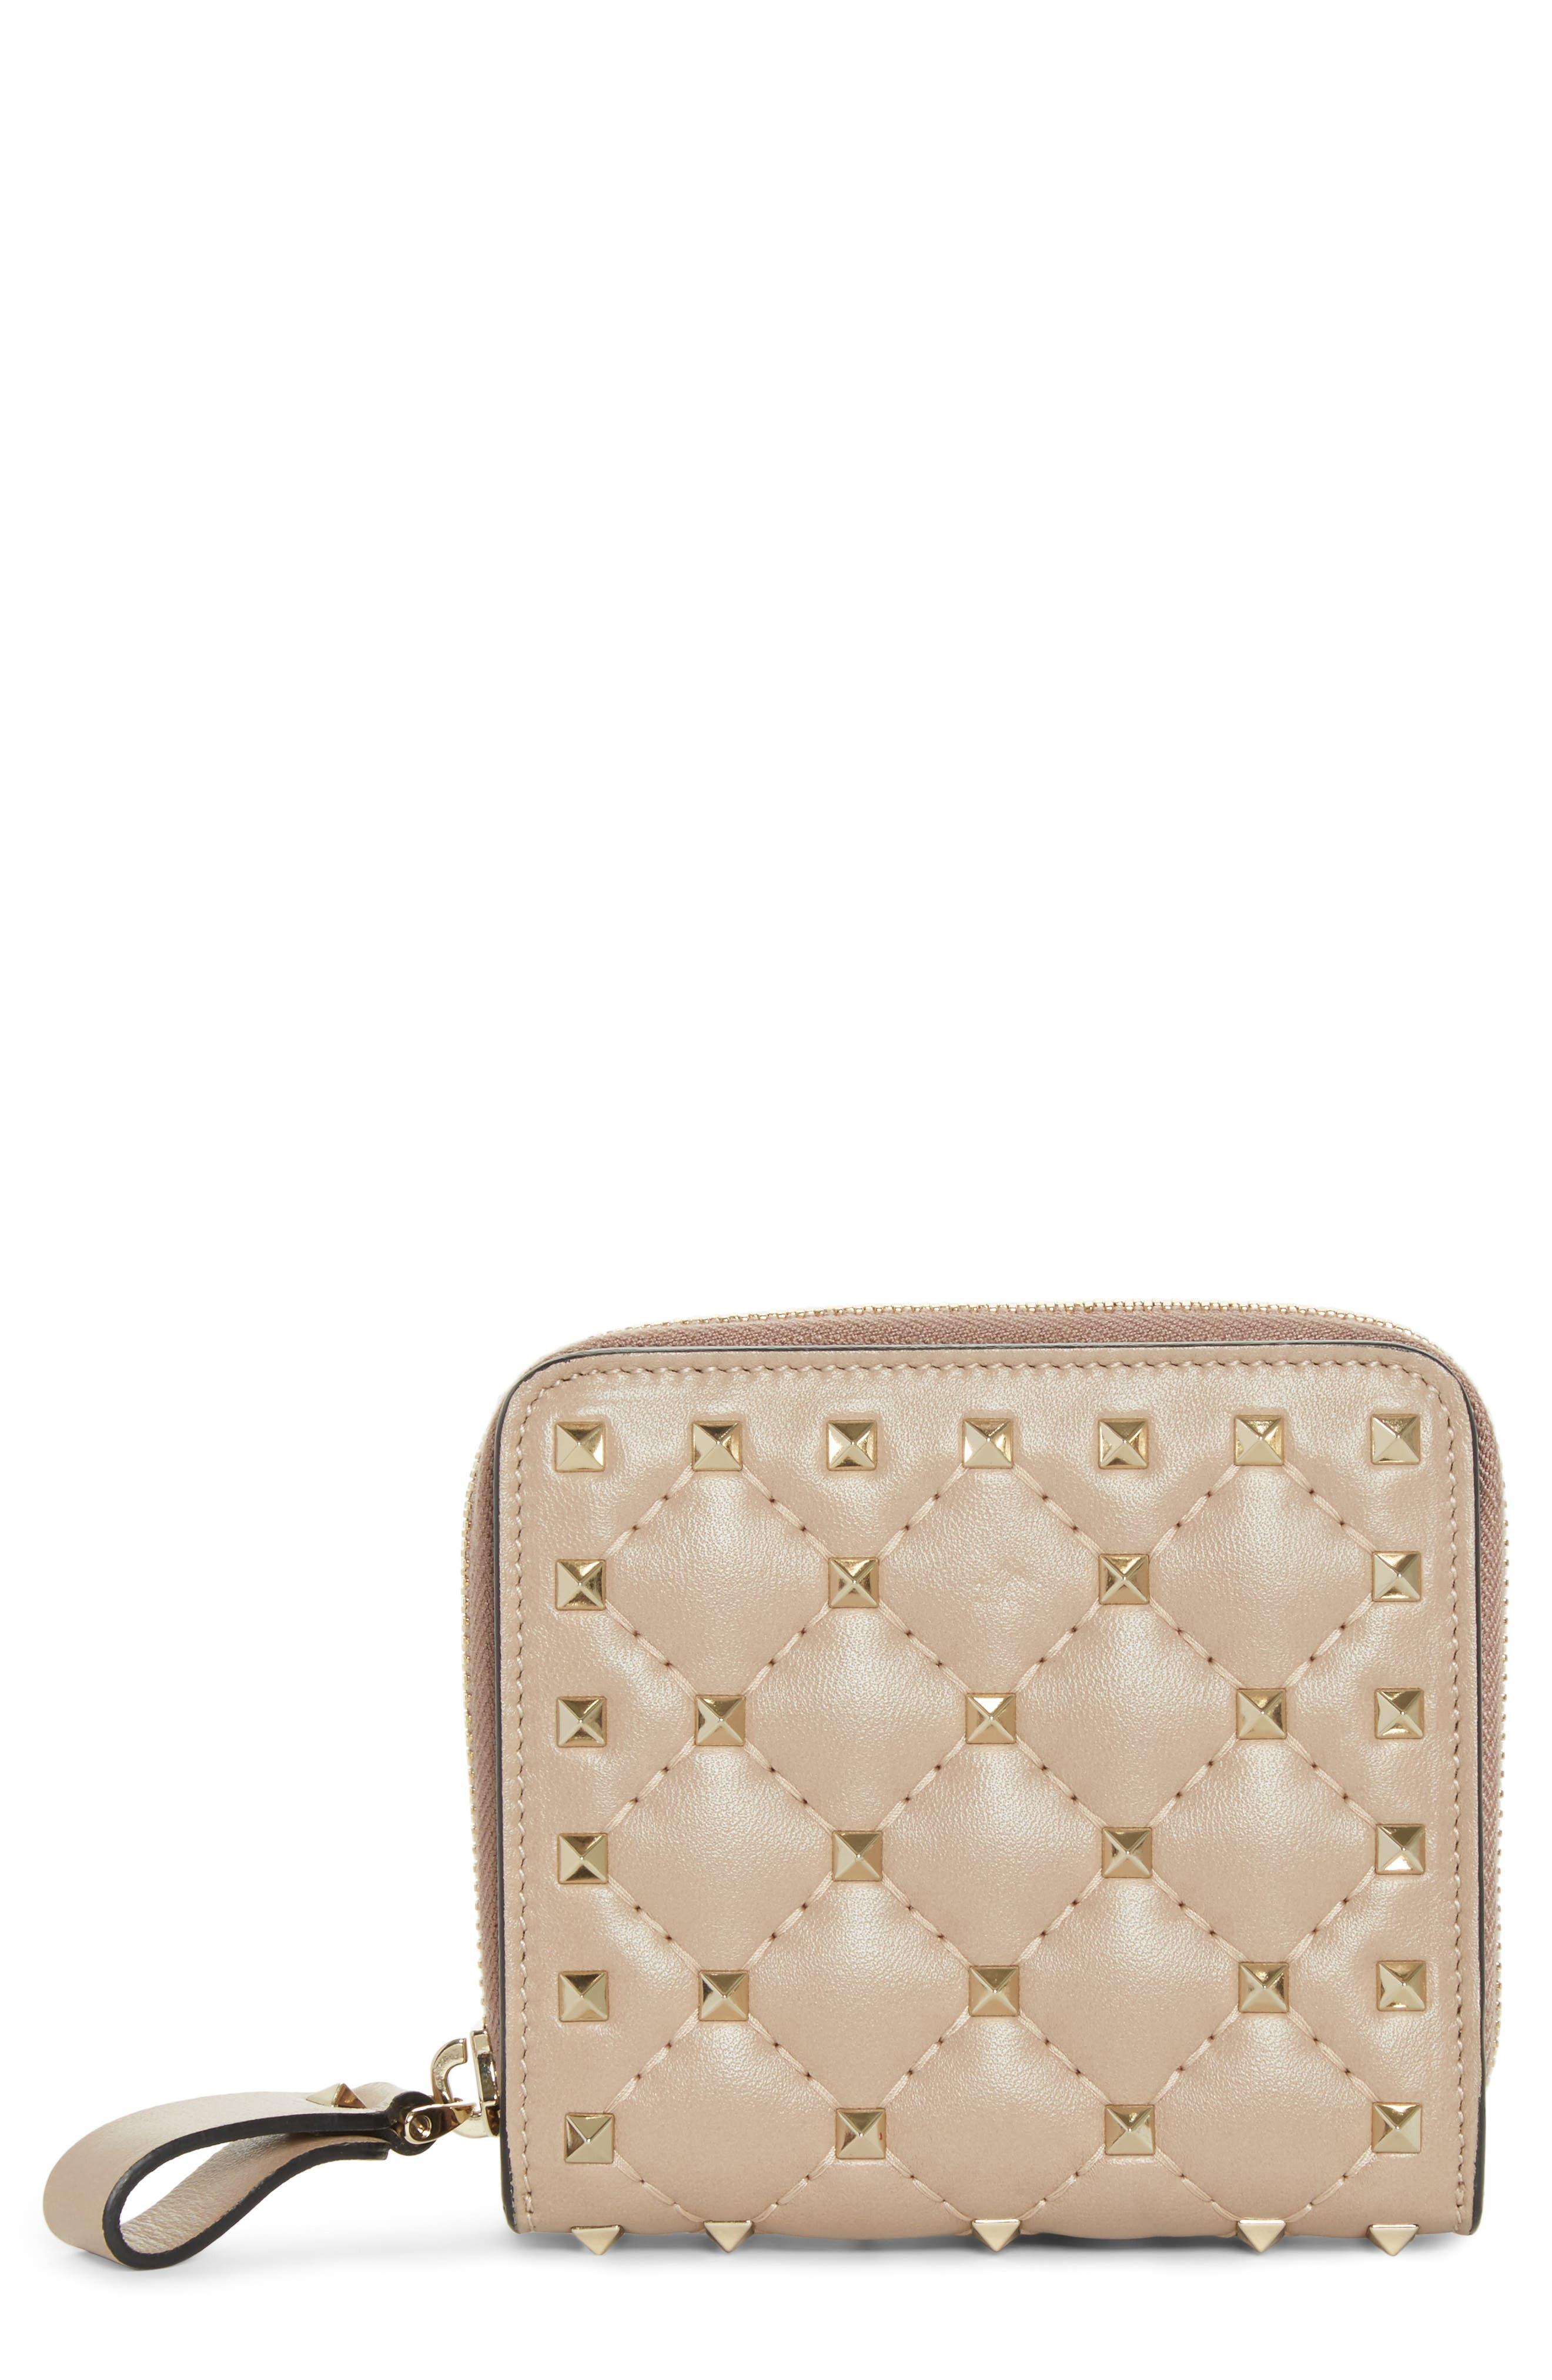 Rockstud Matelassé Leather French Wallet,                         Main,                         color, POUDRE